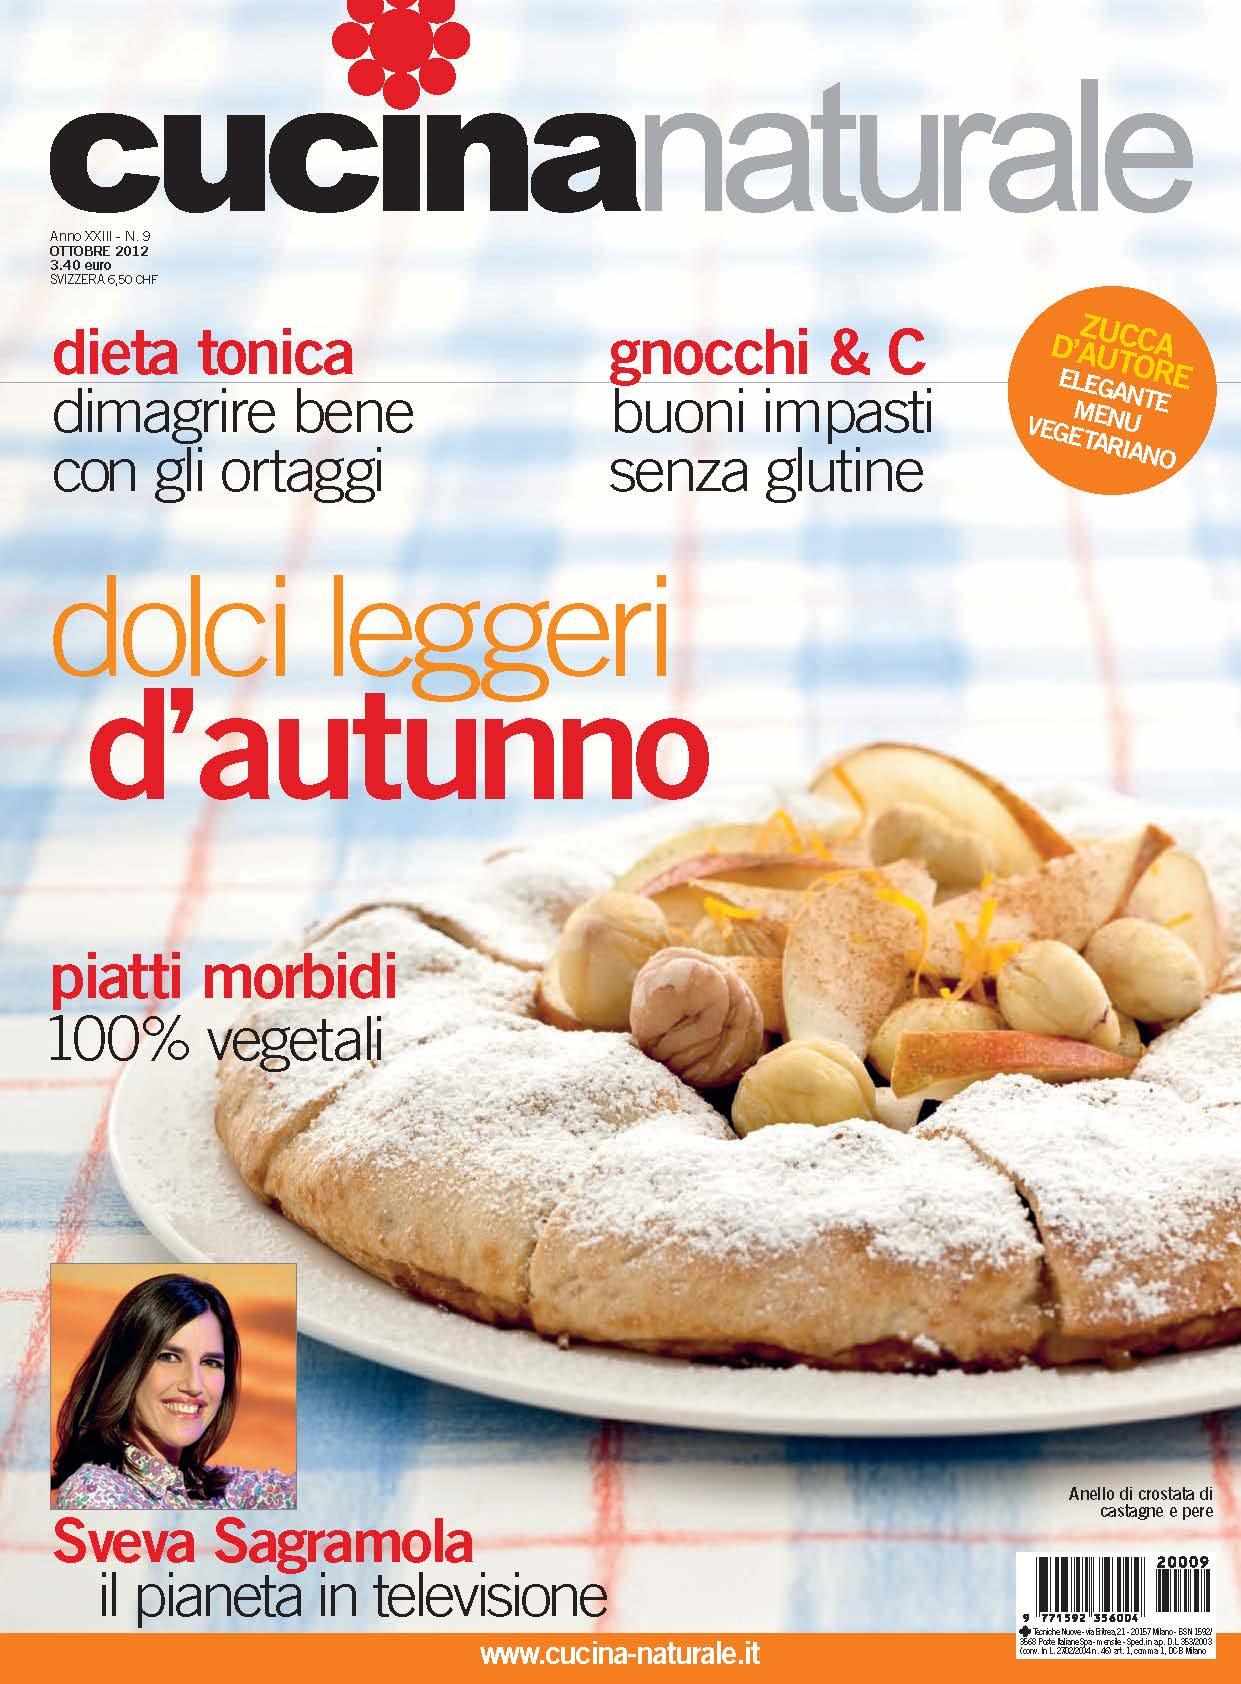 Cucina Naturale di ottobre: Aria fresca in cucina! Zucca, funghi, castagne, mele